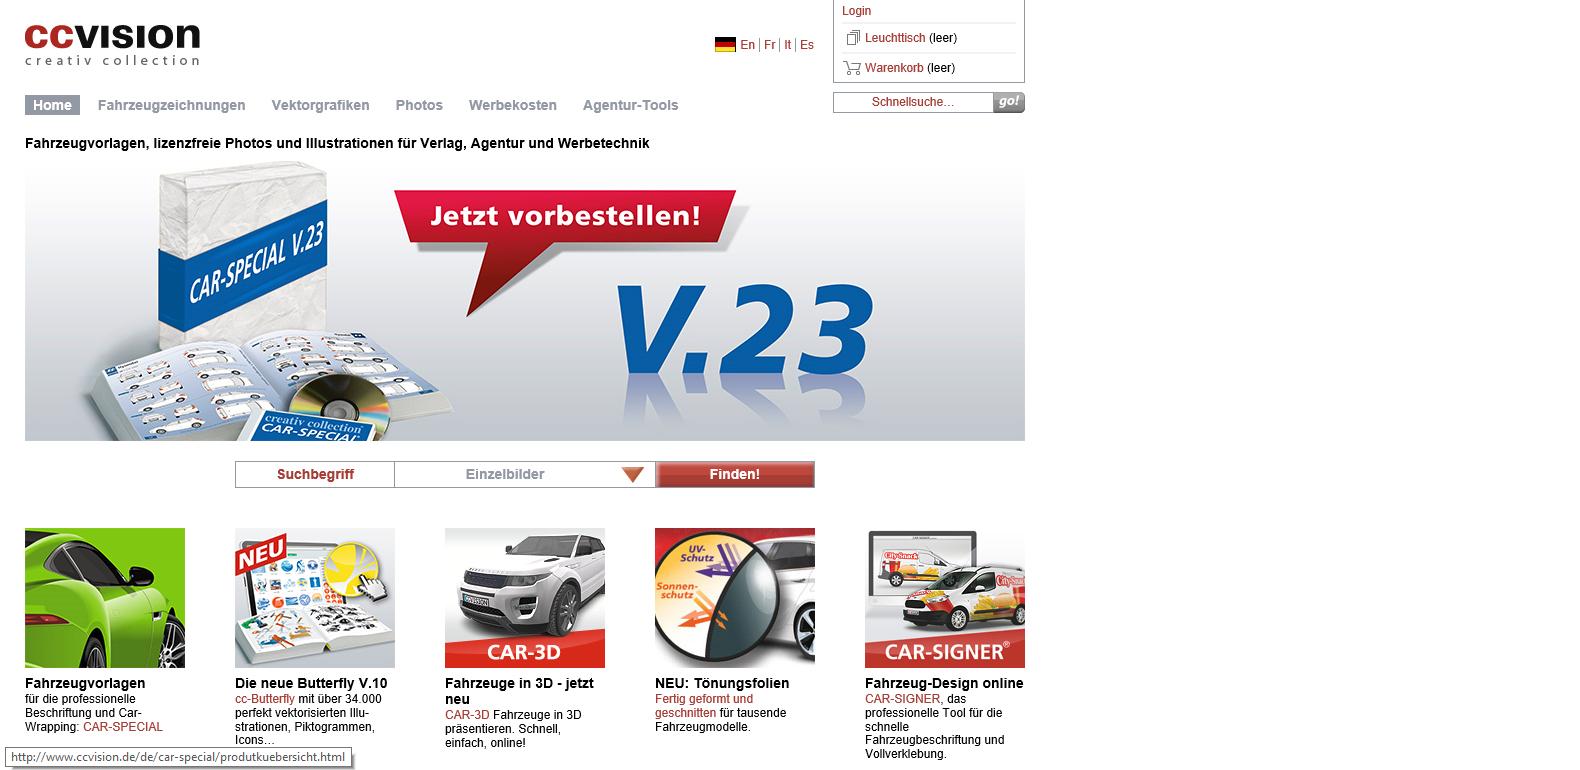 Charmant Fahrzeugvorlagen Für Wraps Galerie - Beispiel Anschreiben ...